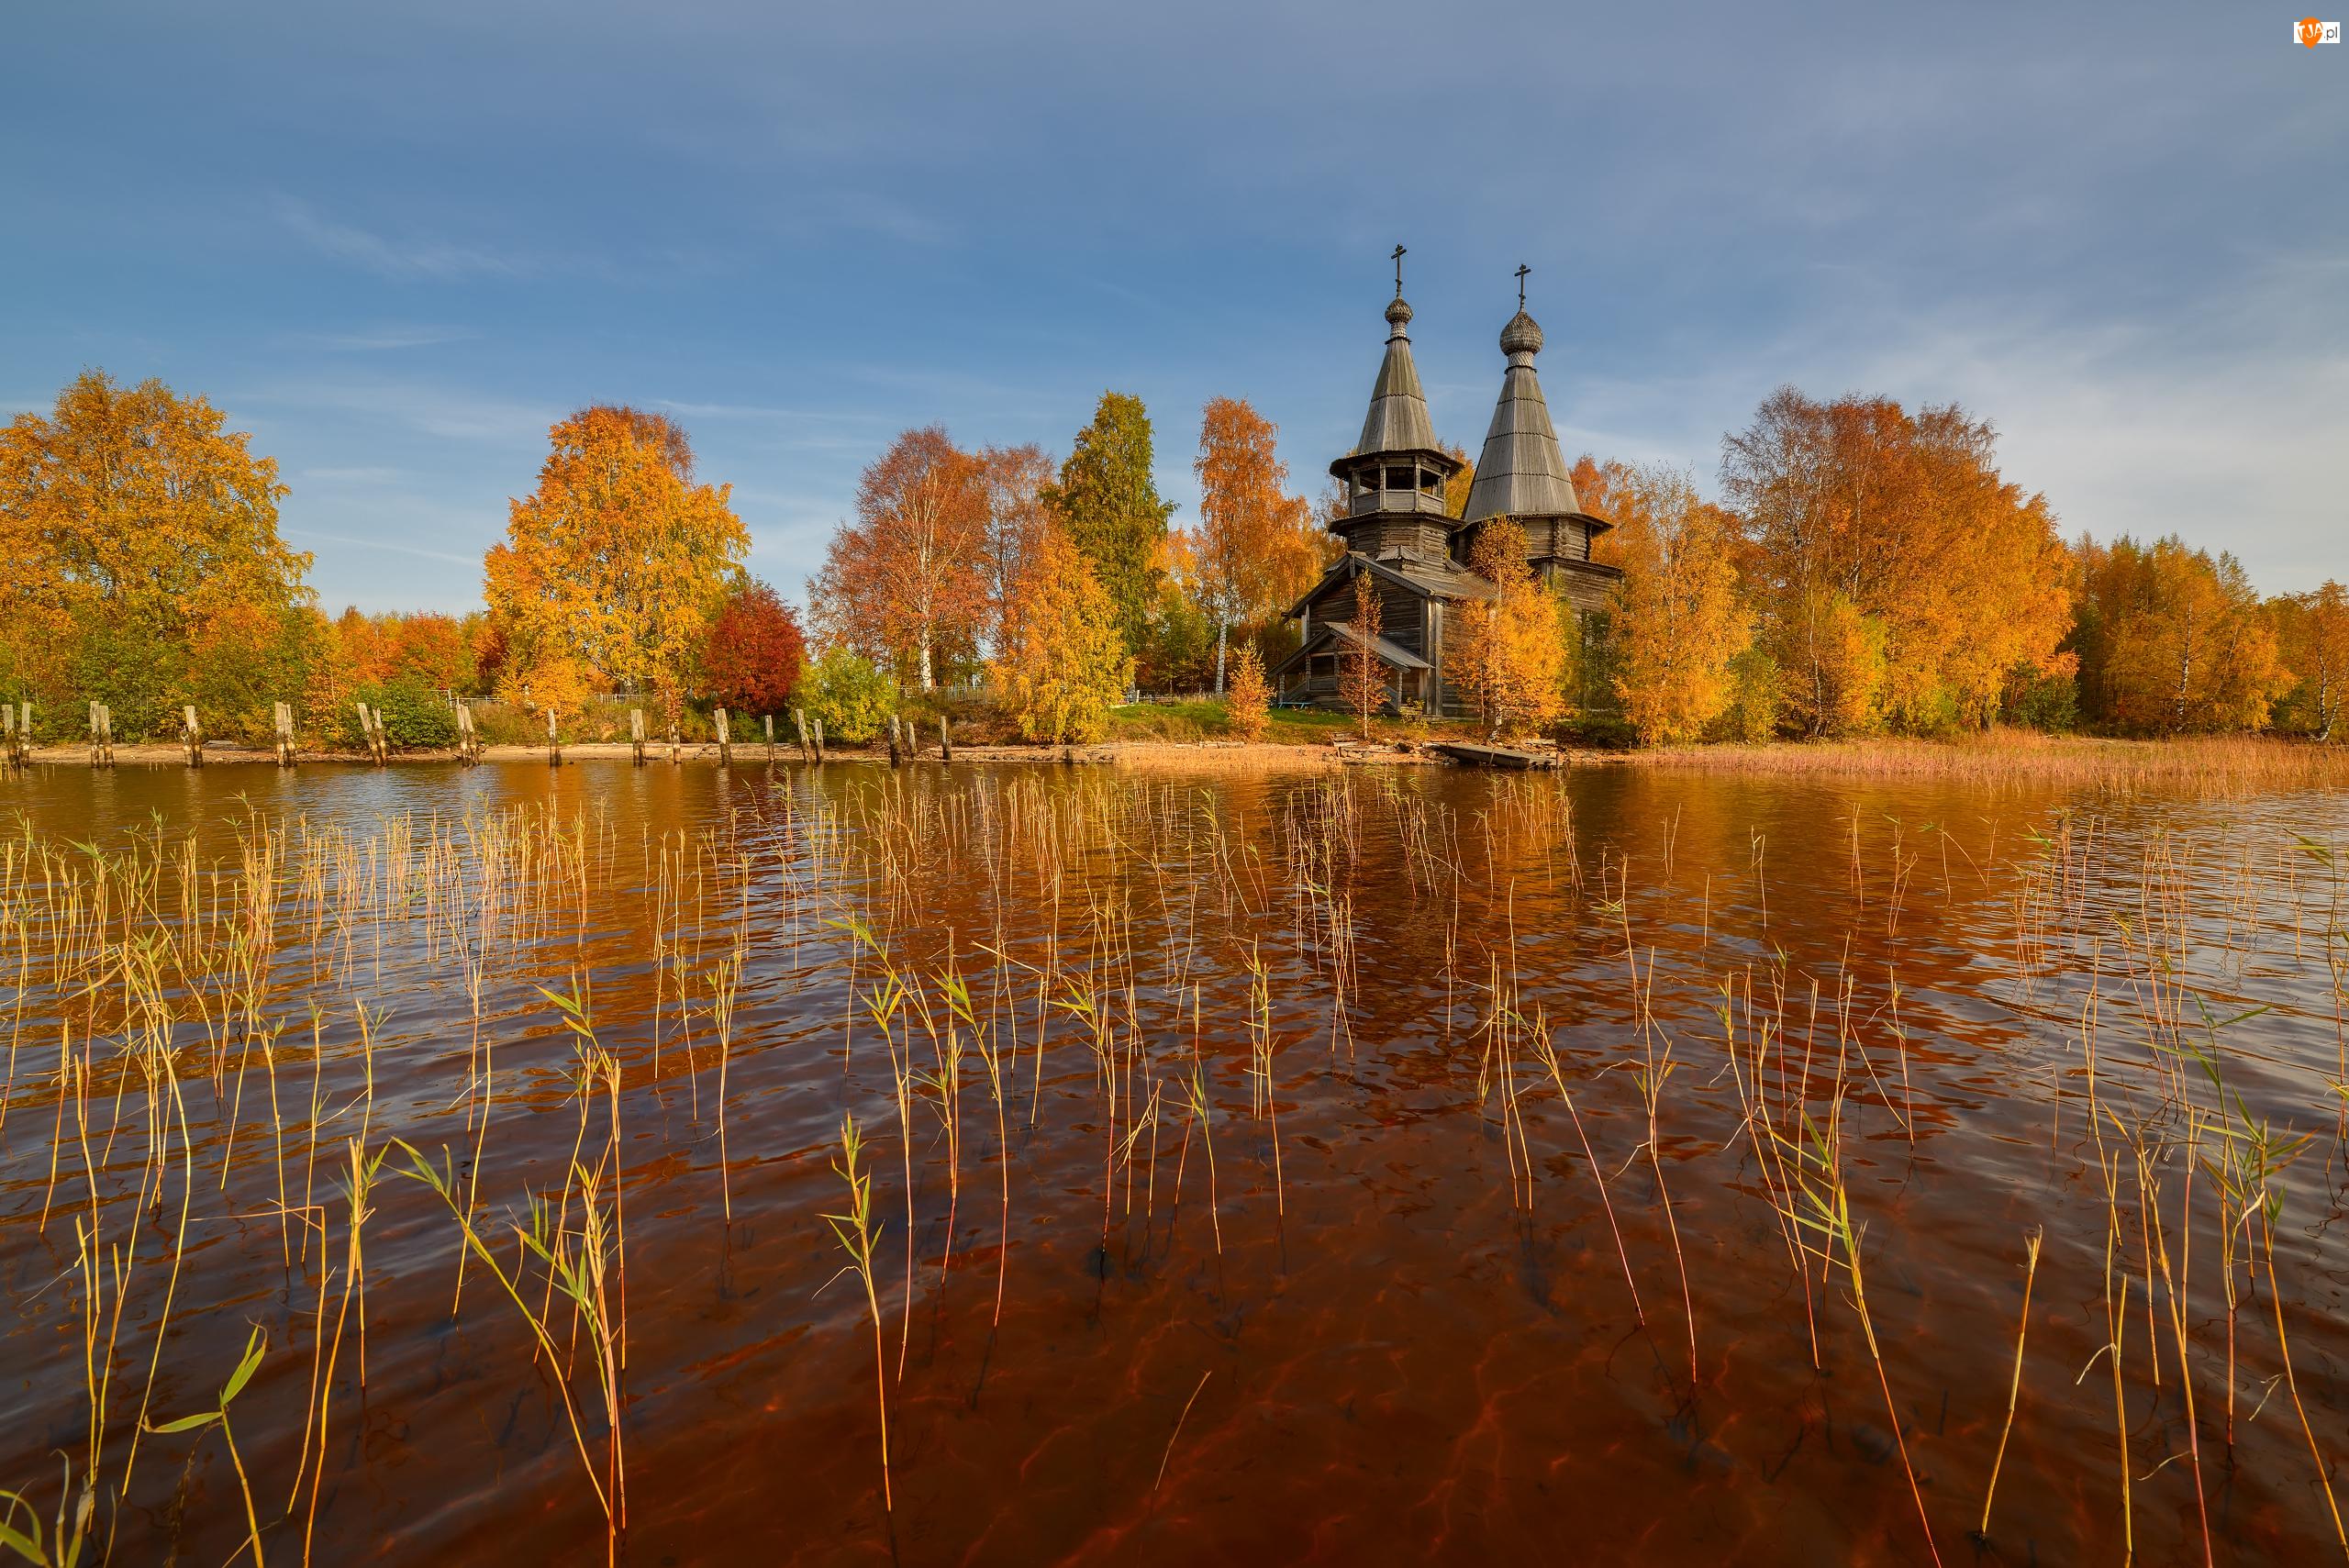 Rosja, Jezioro, Republika Karelia, Szuwary, Wieś Chelmuzhi, Cerkiew, Drzewa, Jesień, Roślinność